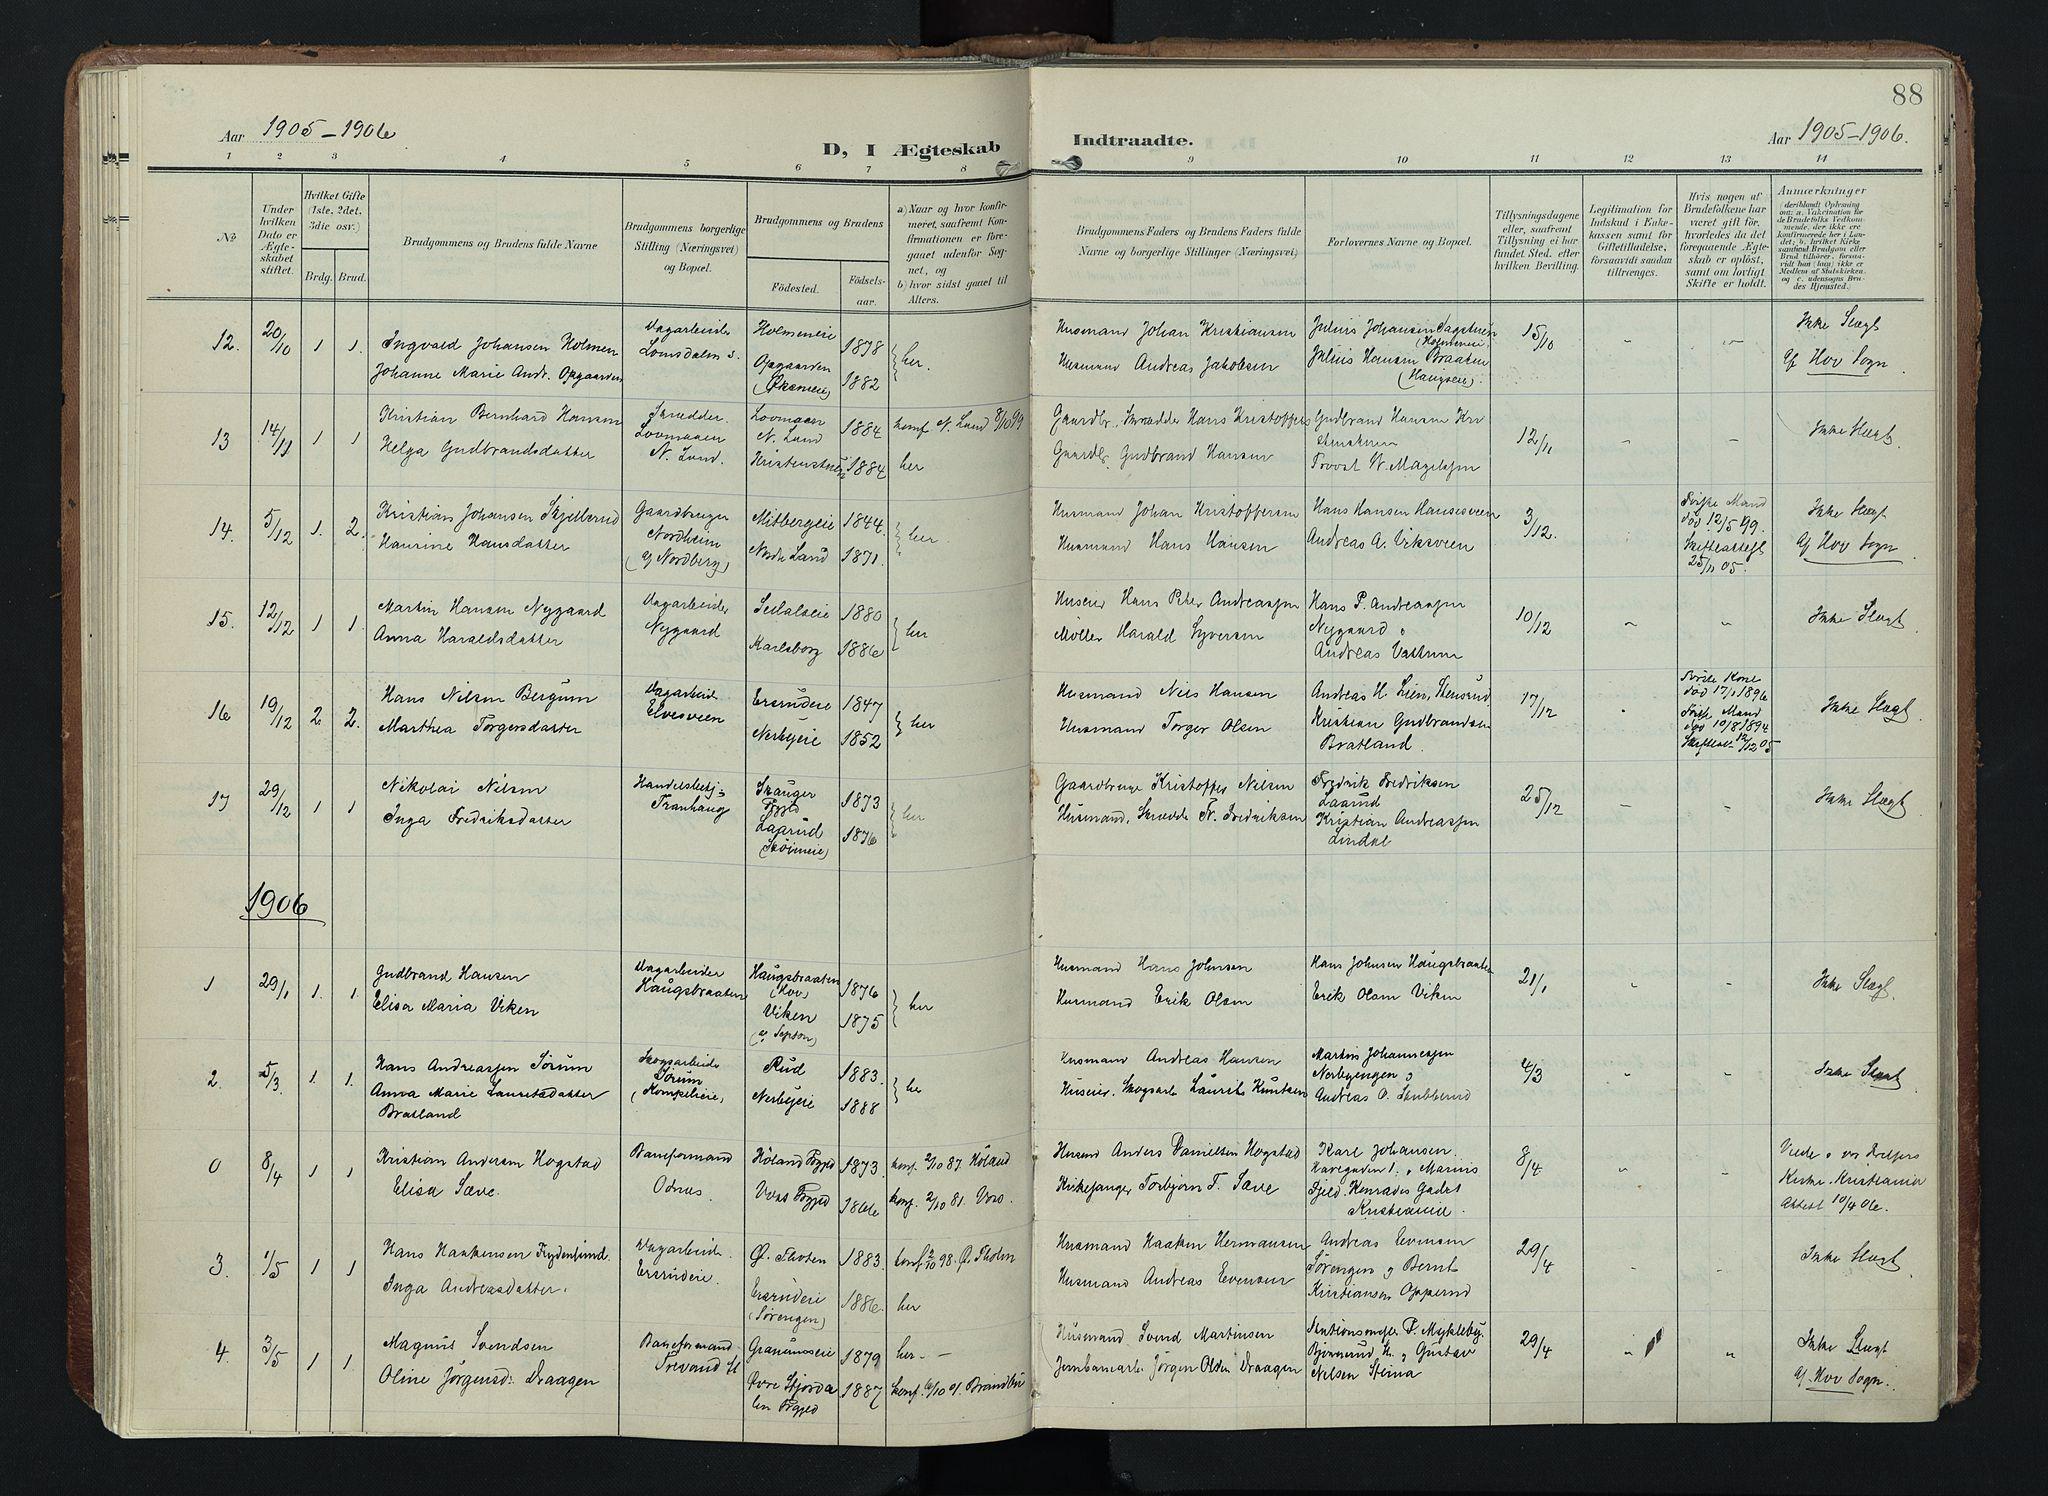 SAH, Søndre Land prestekontor, K/L0005: Ministerialbok nr. 5, 1905-1914, s. 88